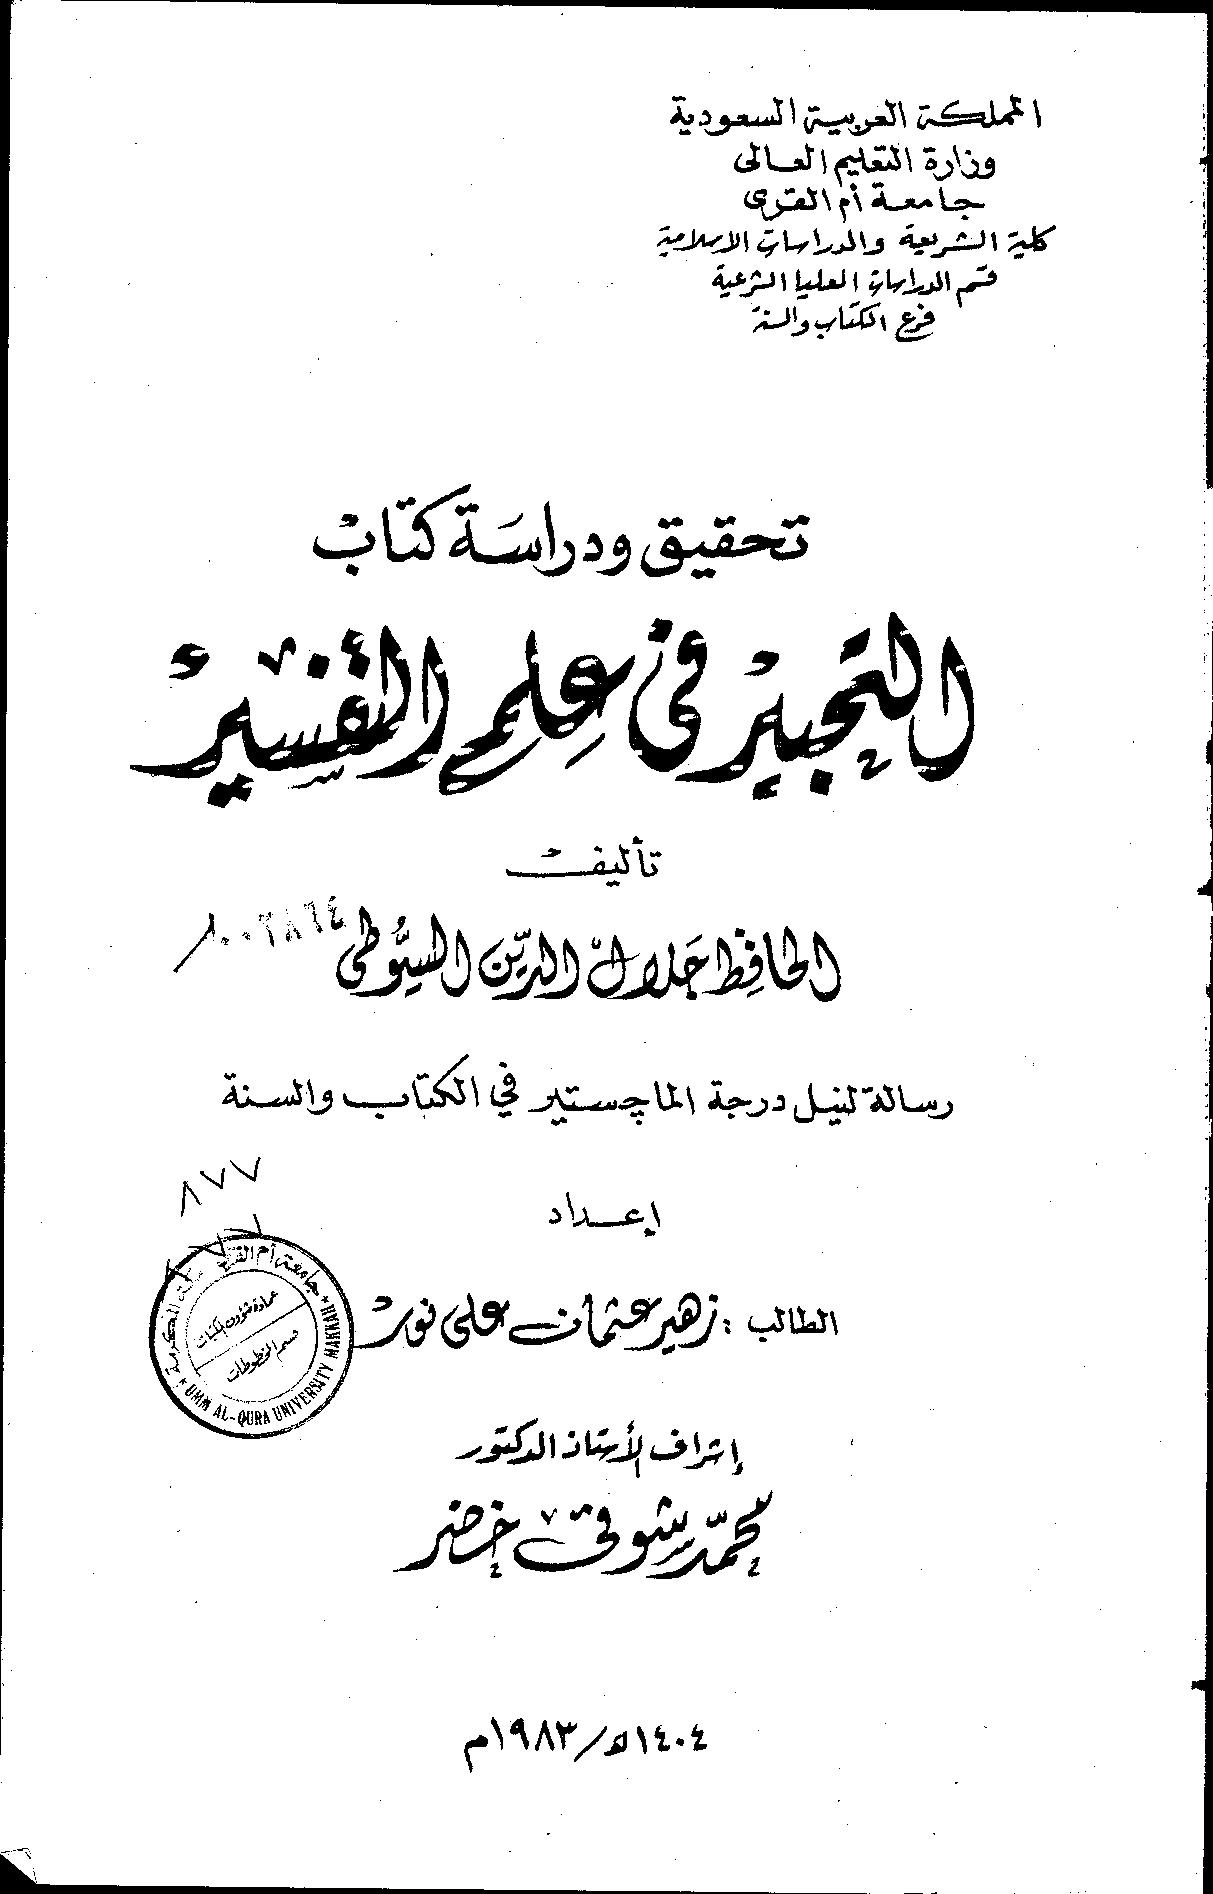 تحميل كتاب التحبير في علم التفسير (ت. نور) لـِ: أبو الفضل جلال الدين عبد الرحمن بن أبي بكر السيوطي (ت 911 هـ)